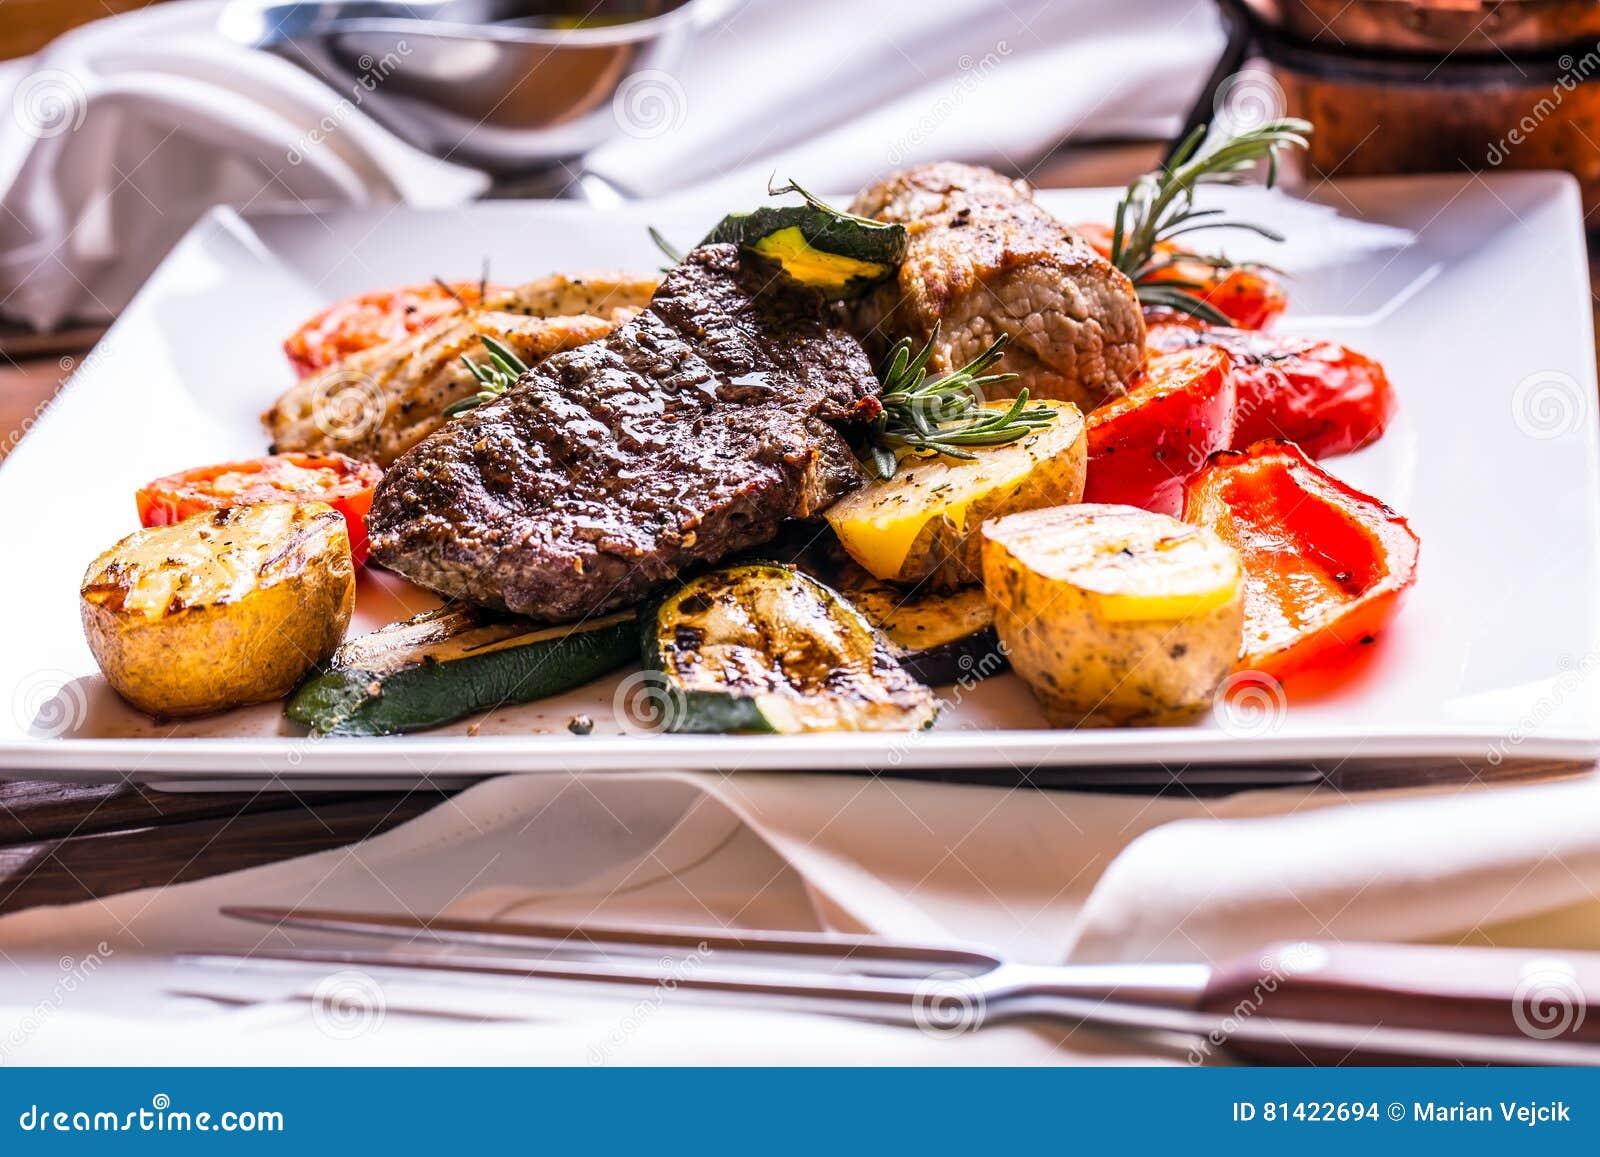 Szef kuchni w hotelowych lub restauracyjnych kuchennych kulinarnych rękach tylko Przygotowany wołowina stek z jarzynową dekoracją